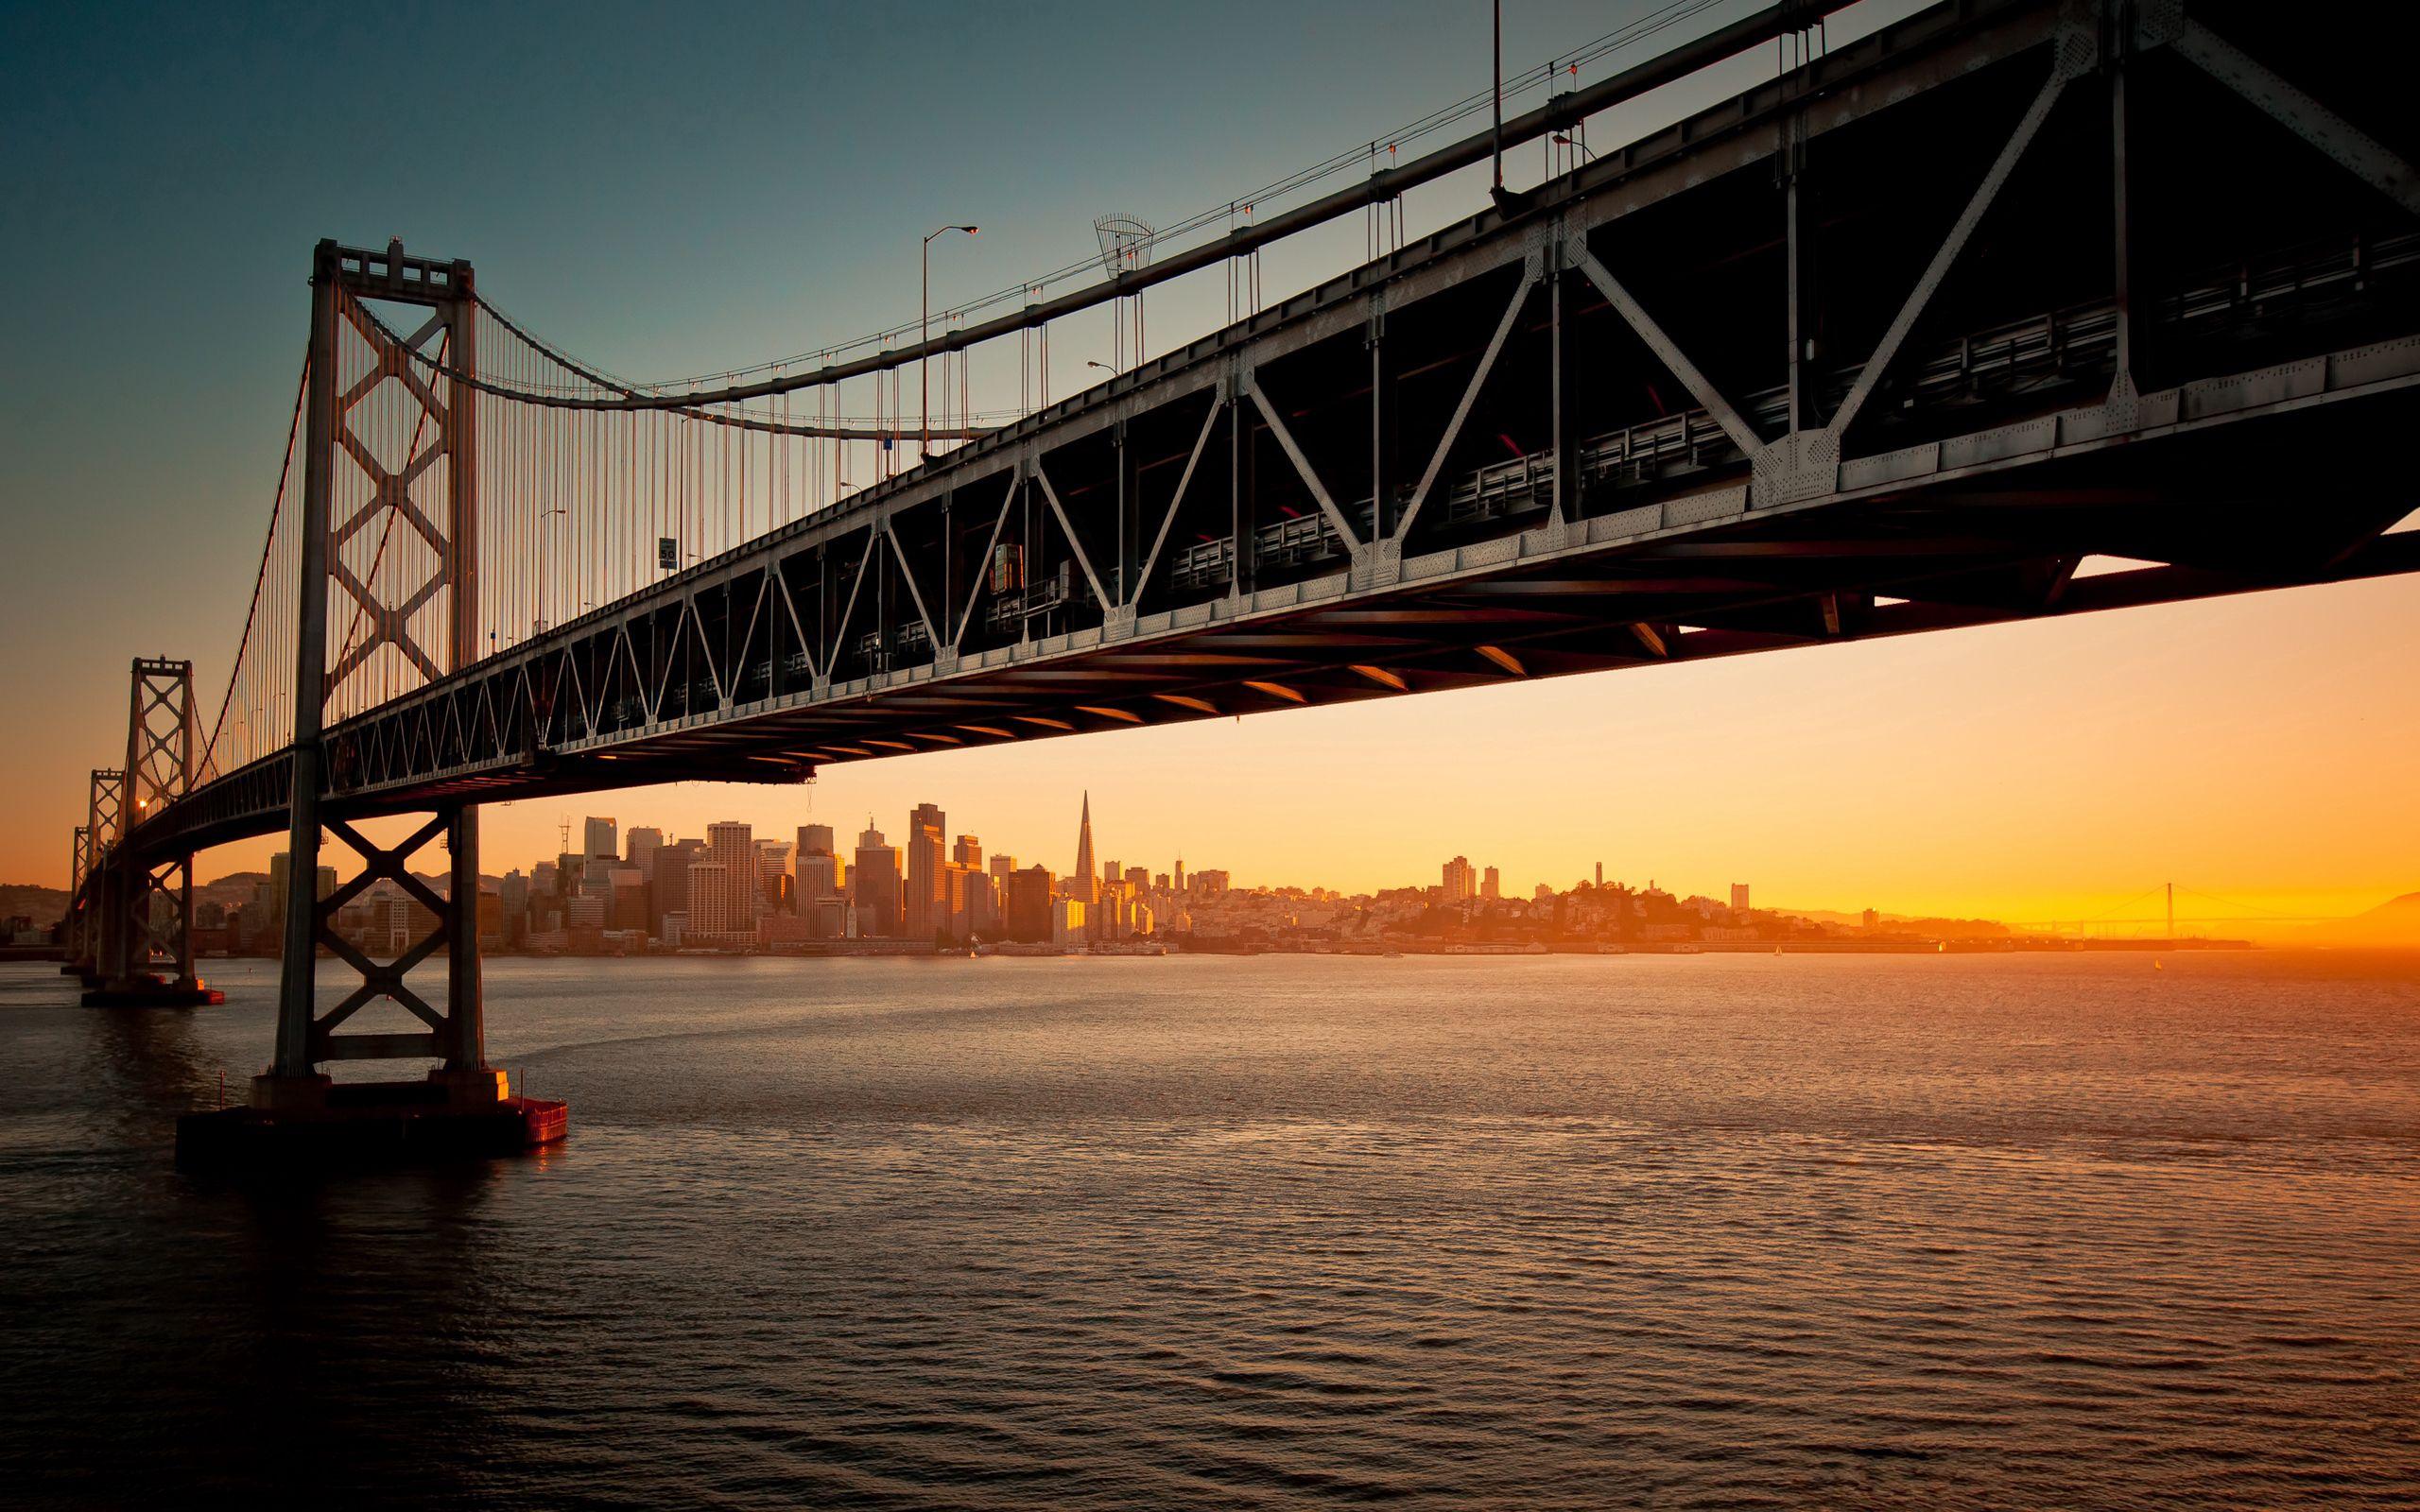 69717 Заставки и Обои Города на телефон. Скачать Мост, Закат, Вечер, Вода, Сан-Франциско, Калифорния, Города картинки бесплатно